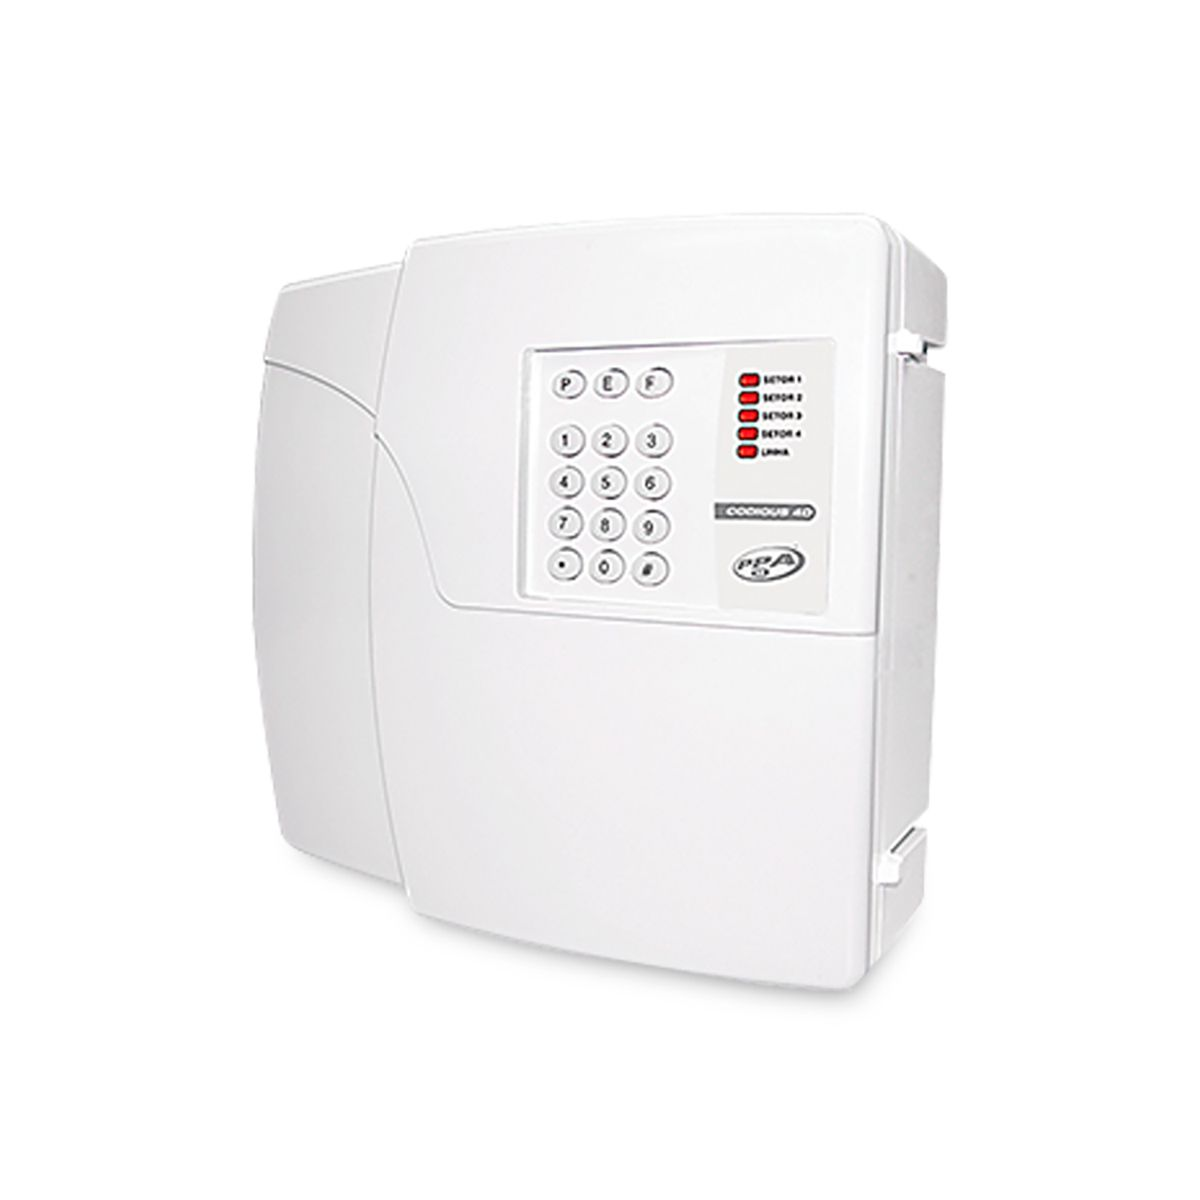 Kit Alarme Residencial PPA 1 Sensor Sem Fio e Discadora